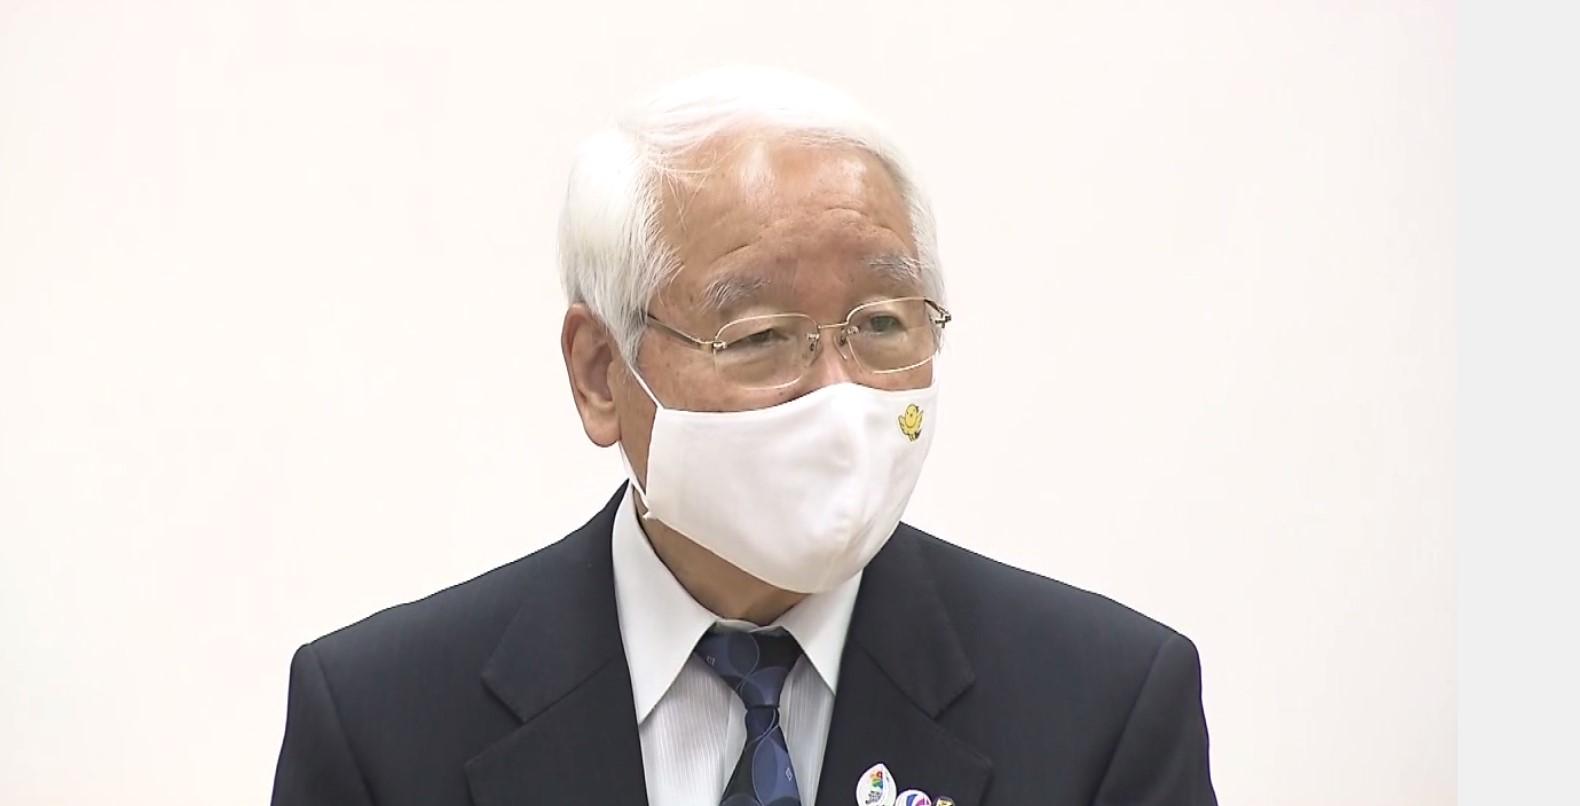 【速報】兵庫県が「緊急事態宣言」の要請を正式に決定  県のコロナ対策本部会議で